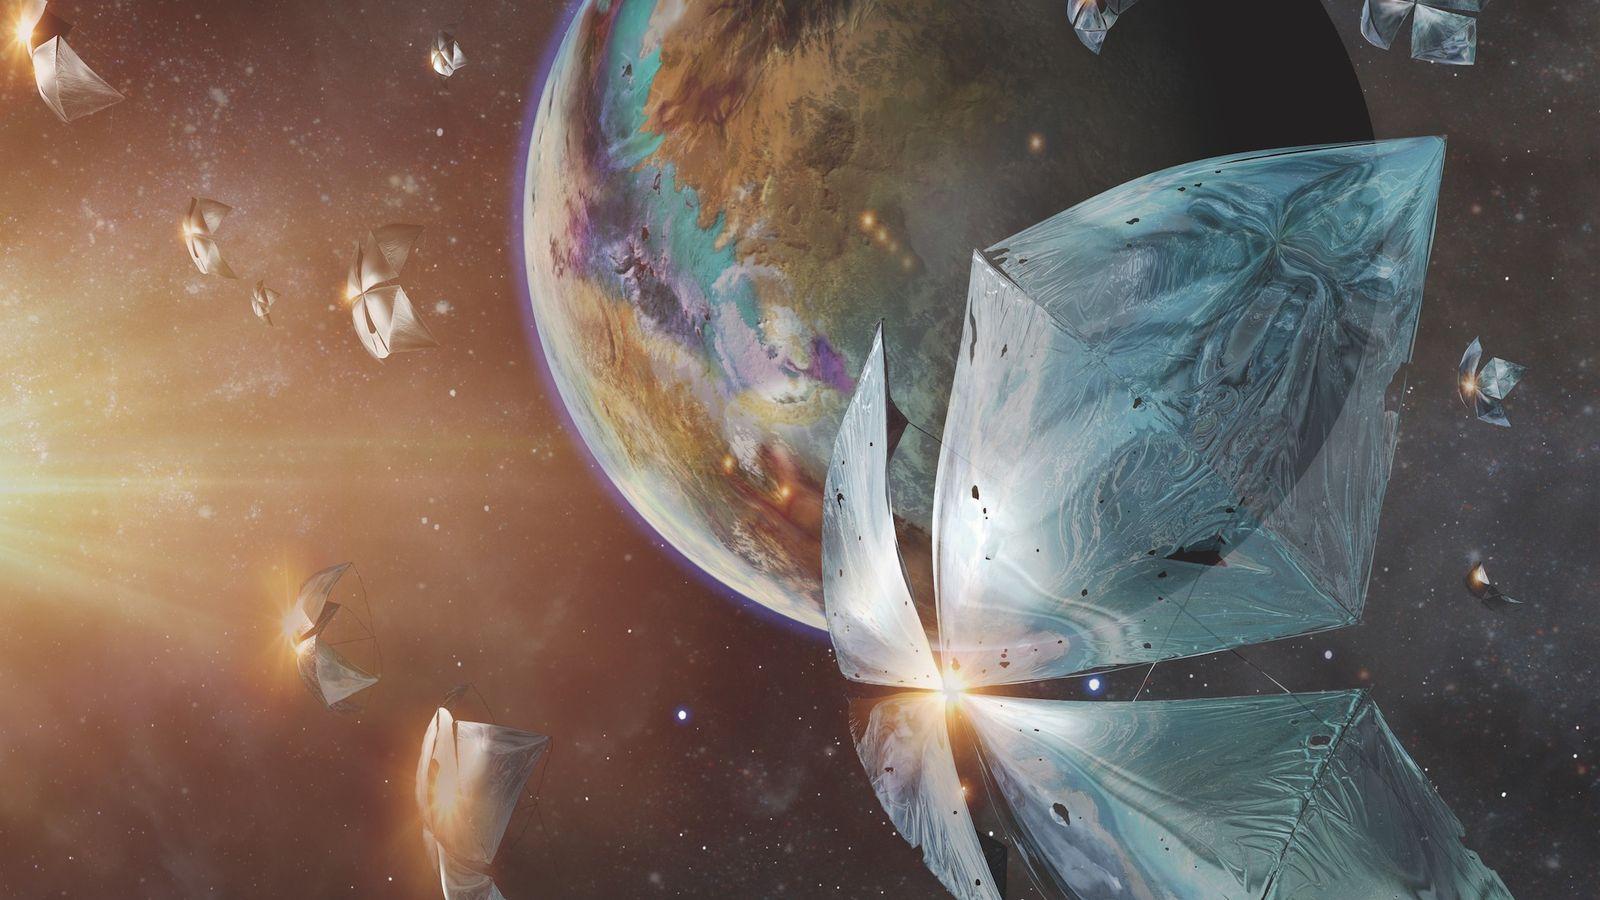 Un minuscule engin spatial se déplace en direction de la planète Proxima Centauri b dans cette ...